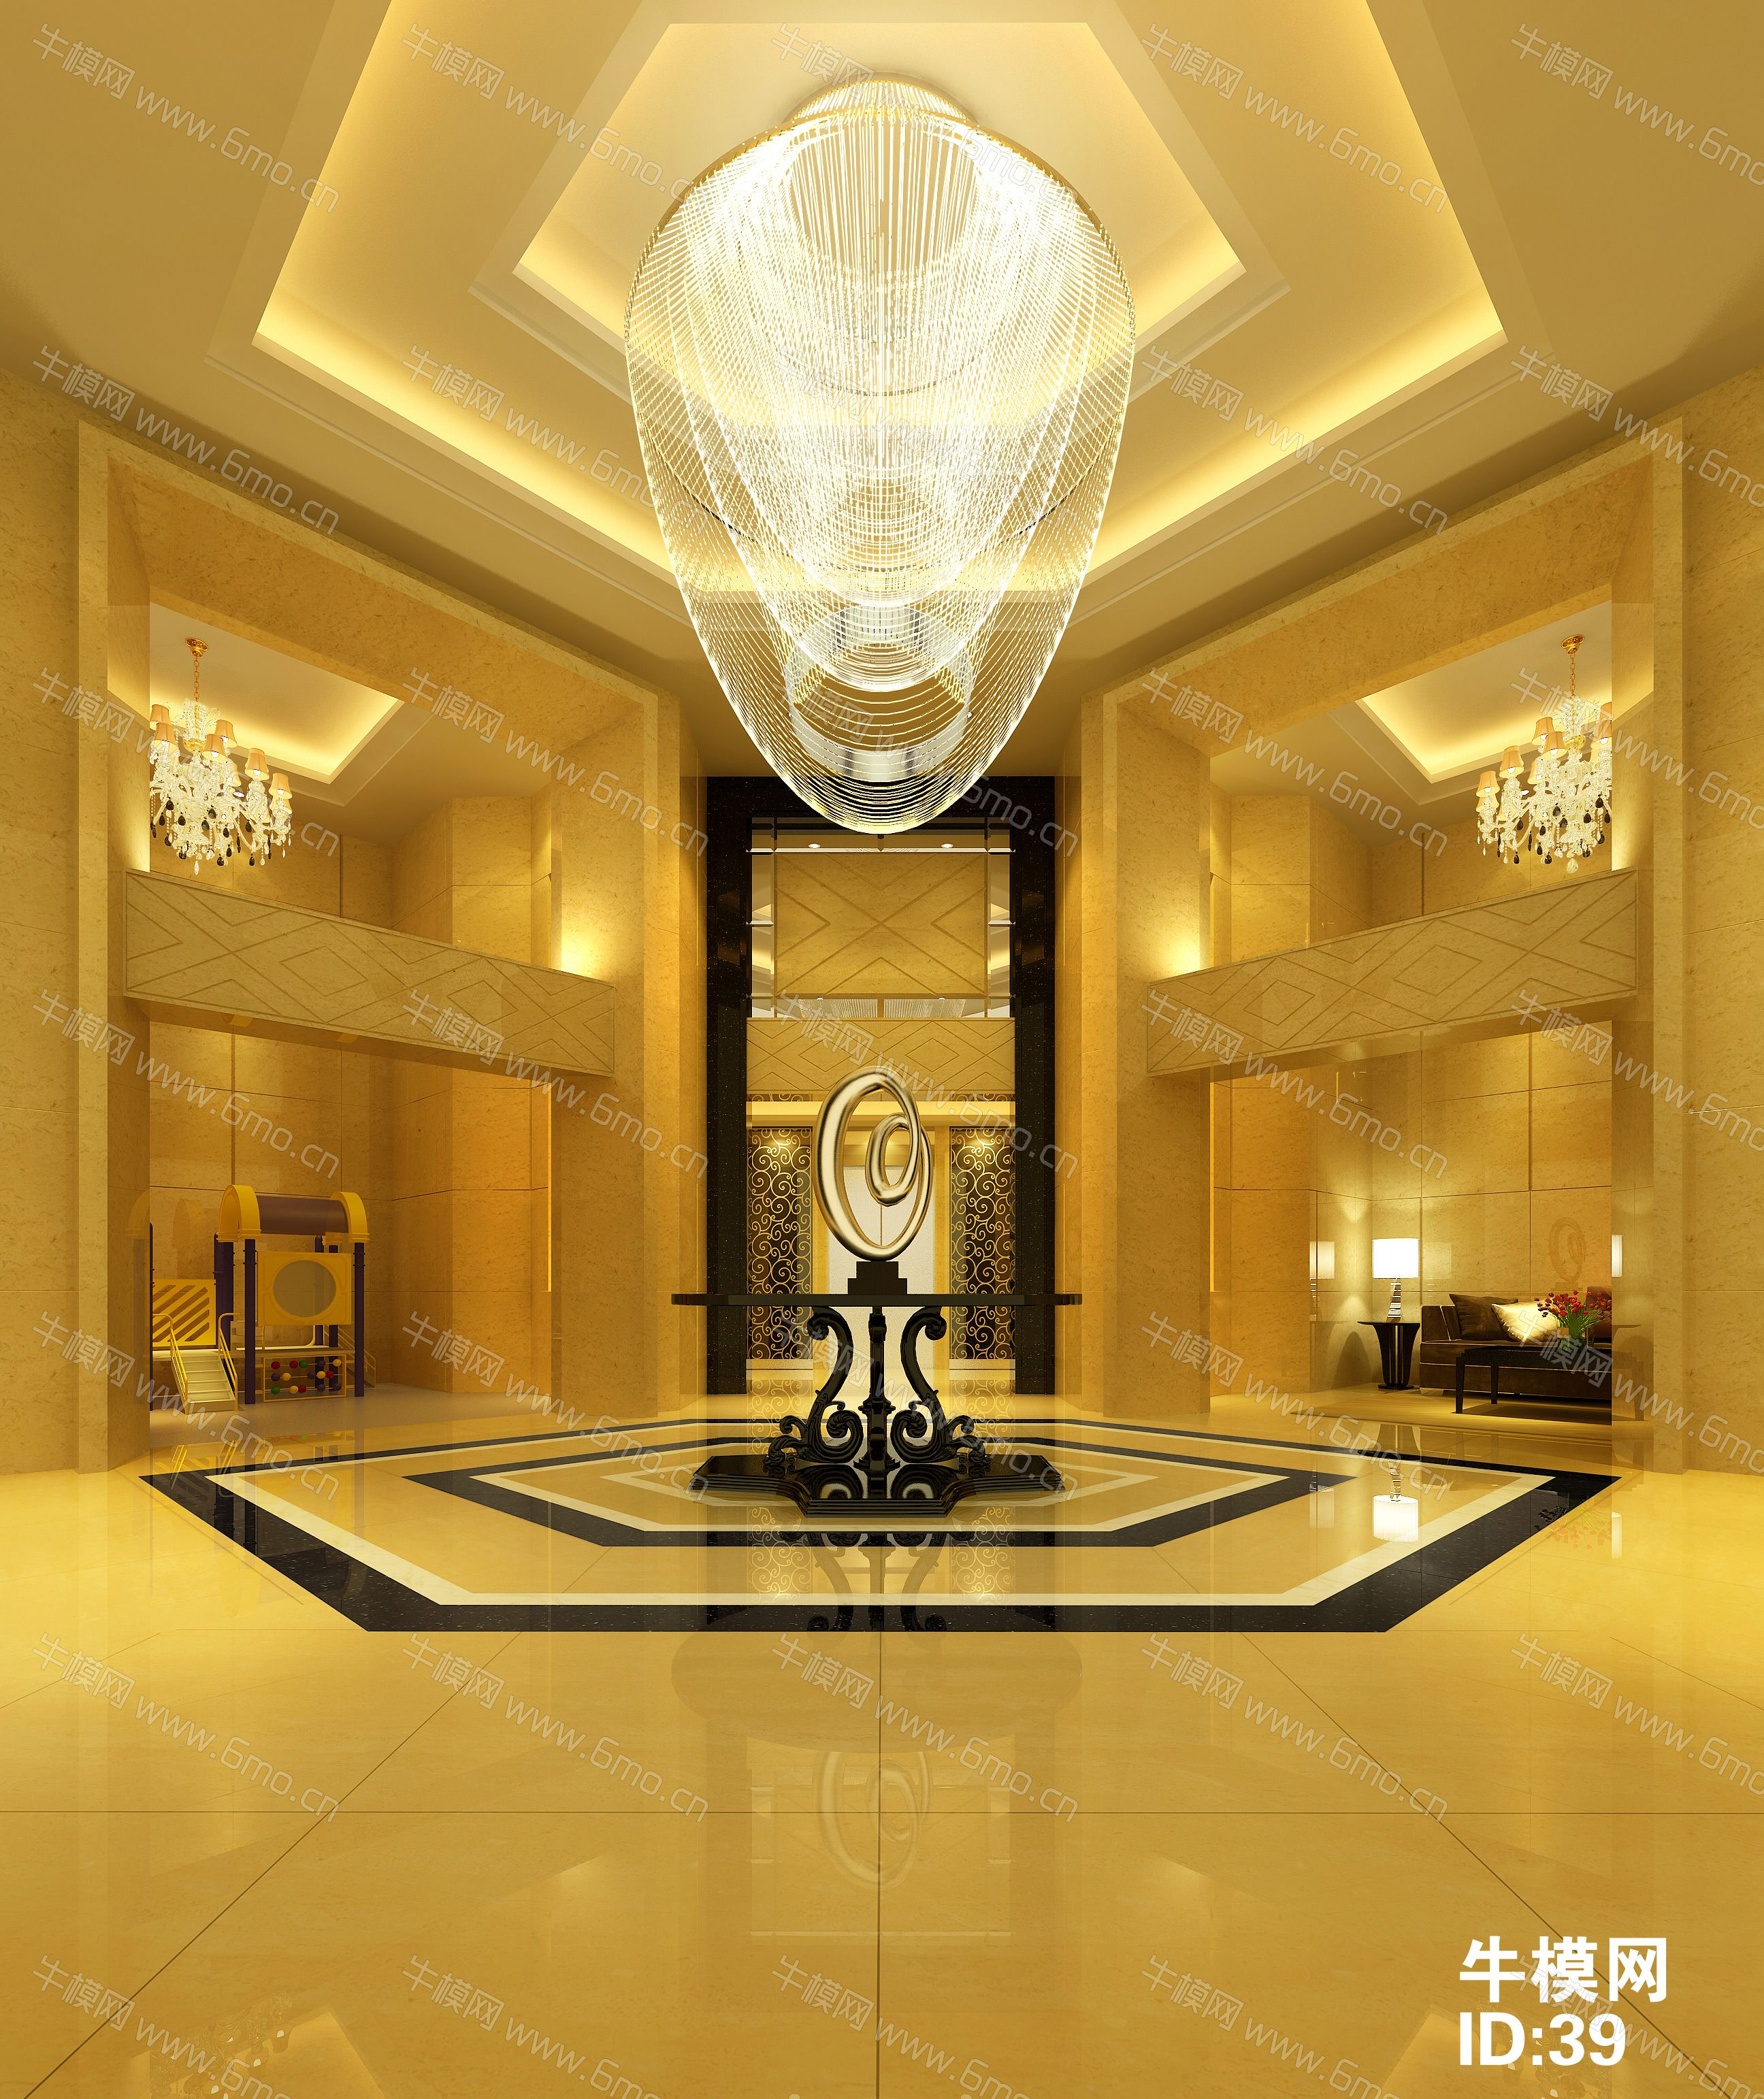 宾馆旅馆酒店大厅下载